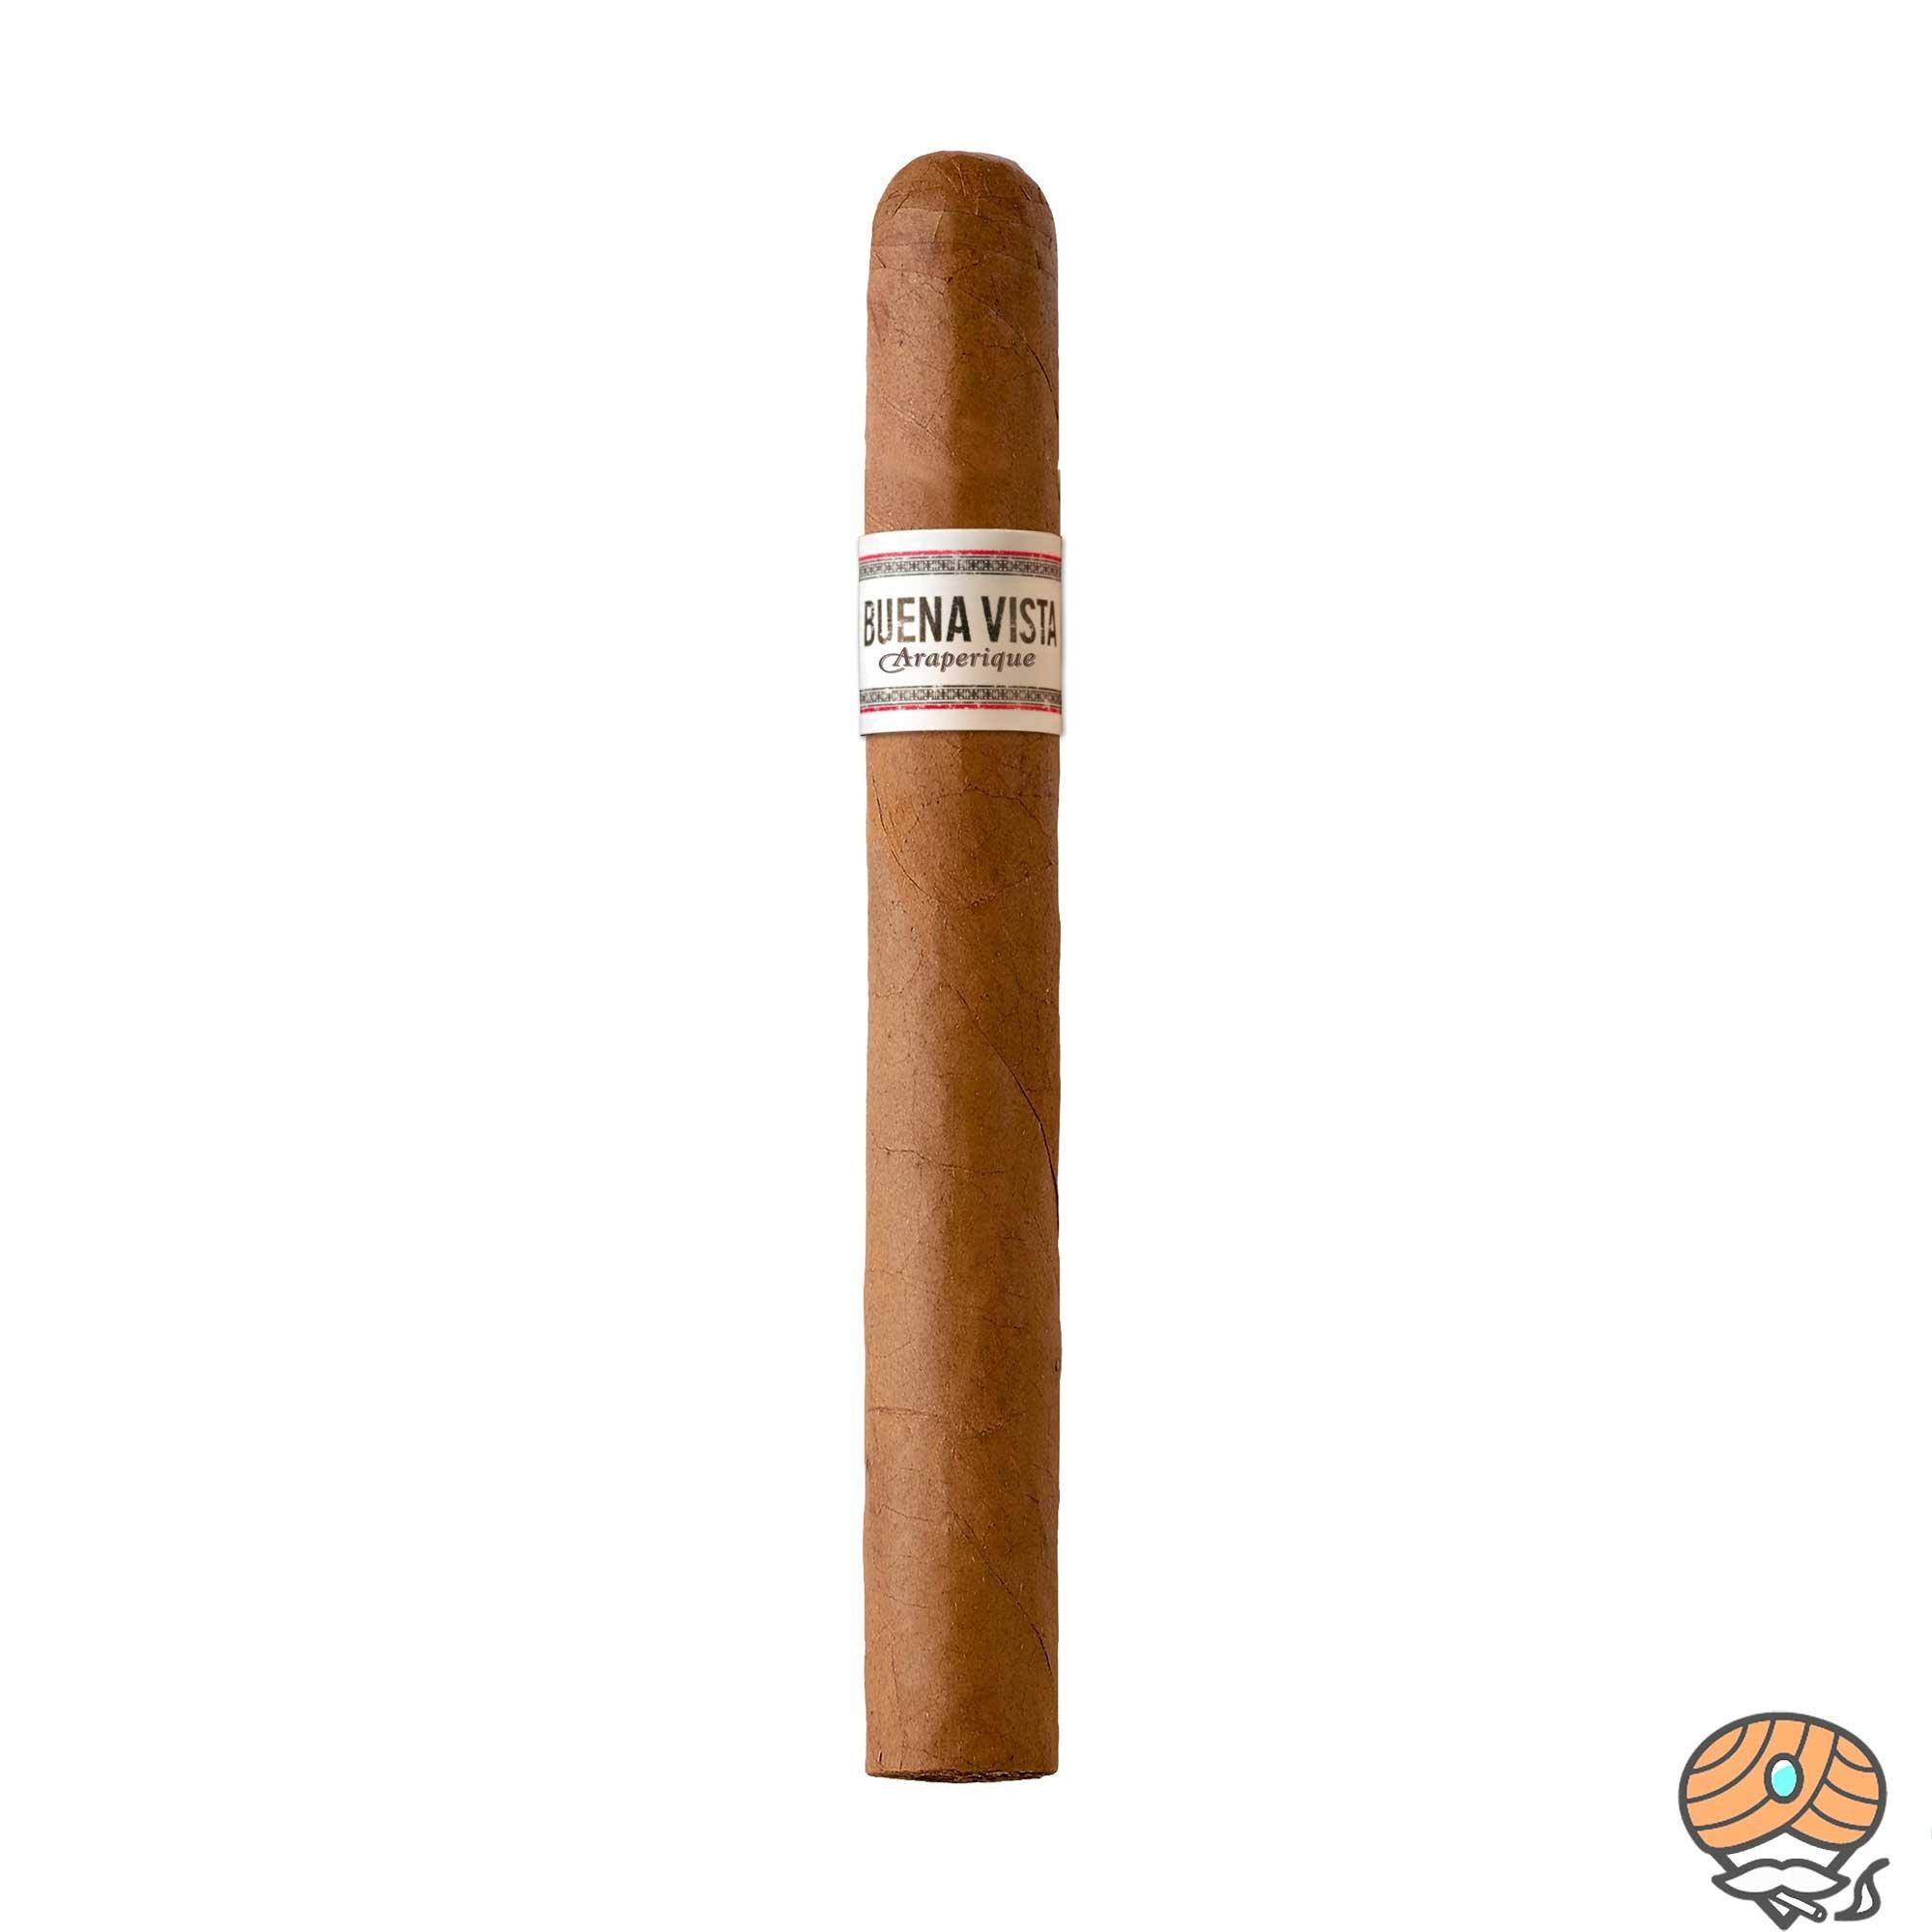 Buena Vista Araperique Churchill Zigarre Dominikanische Republik